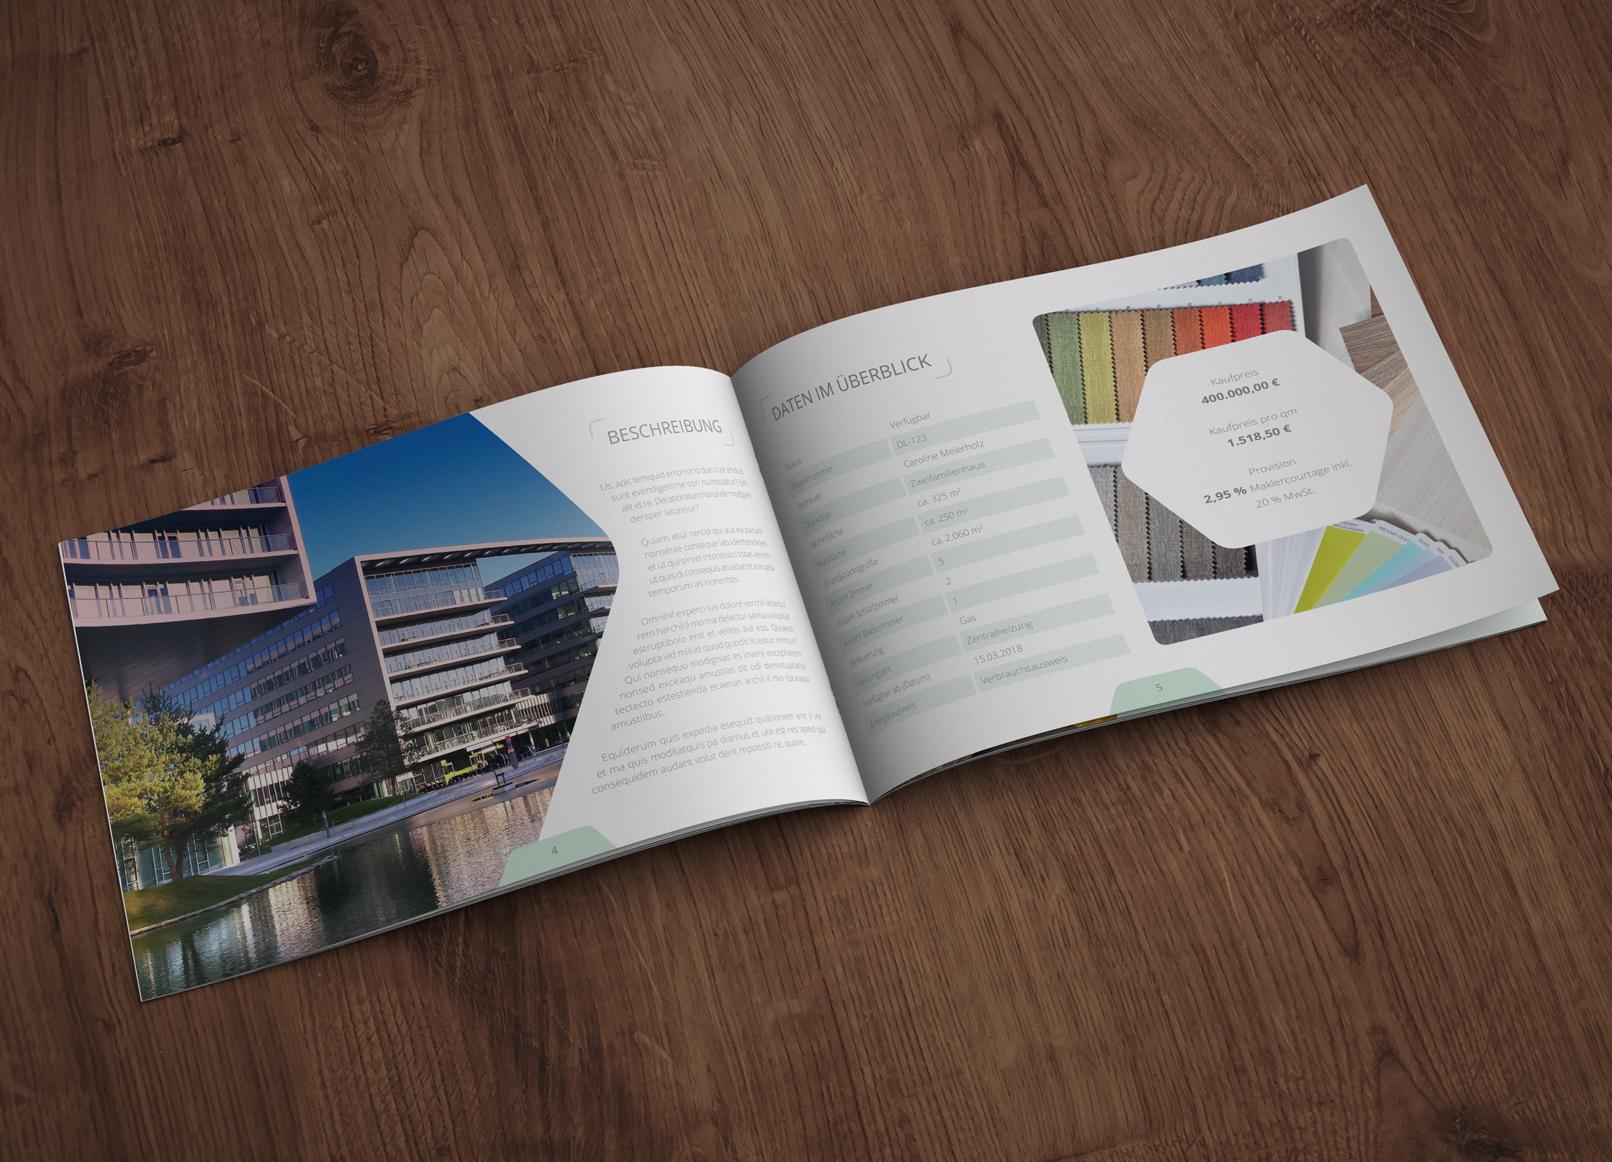 Zwölfseitige Exposé-Vorlagen für Immobilien und Häuser, bearbeitbar in Word, InDesign, PowerPoint und CorelDRAW